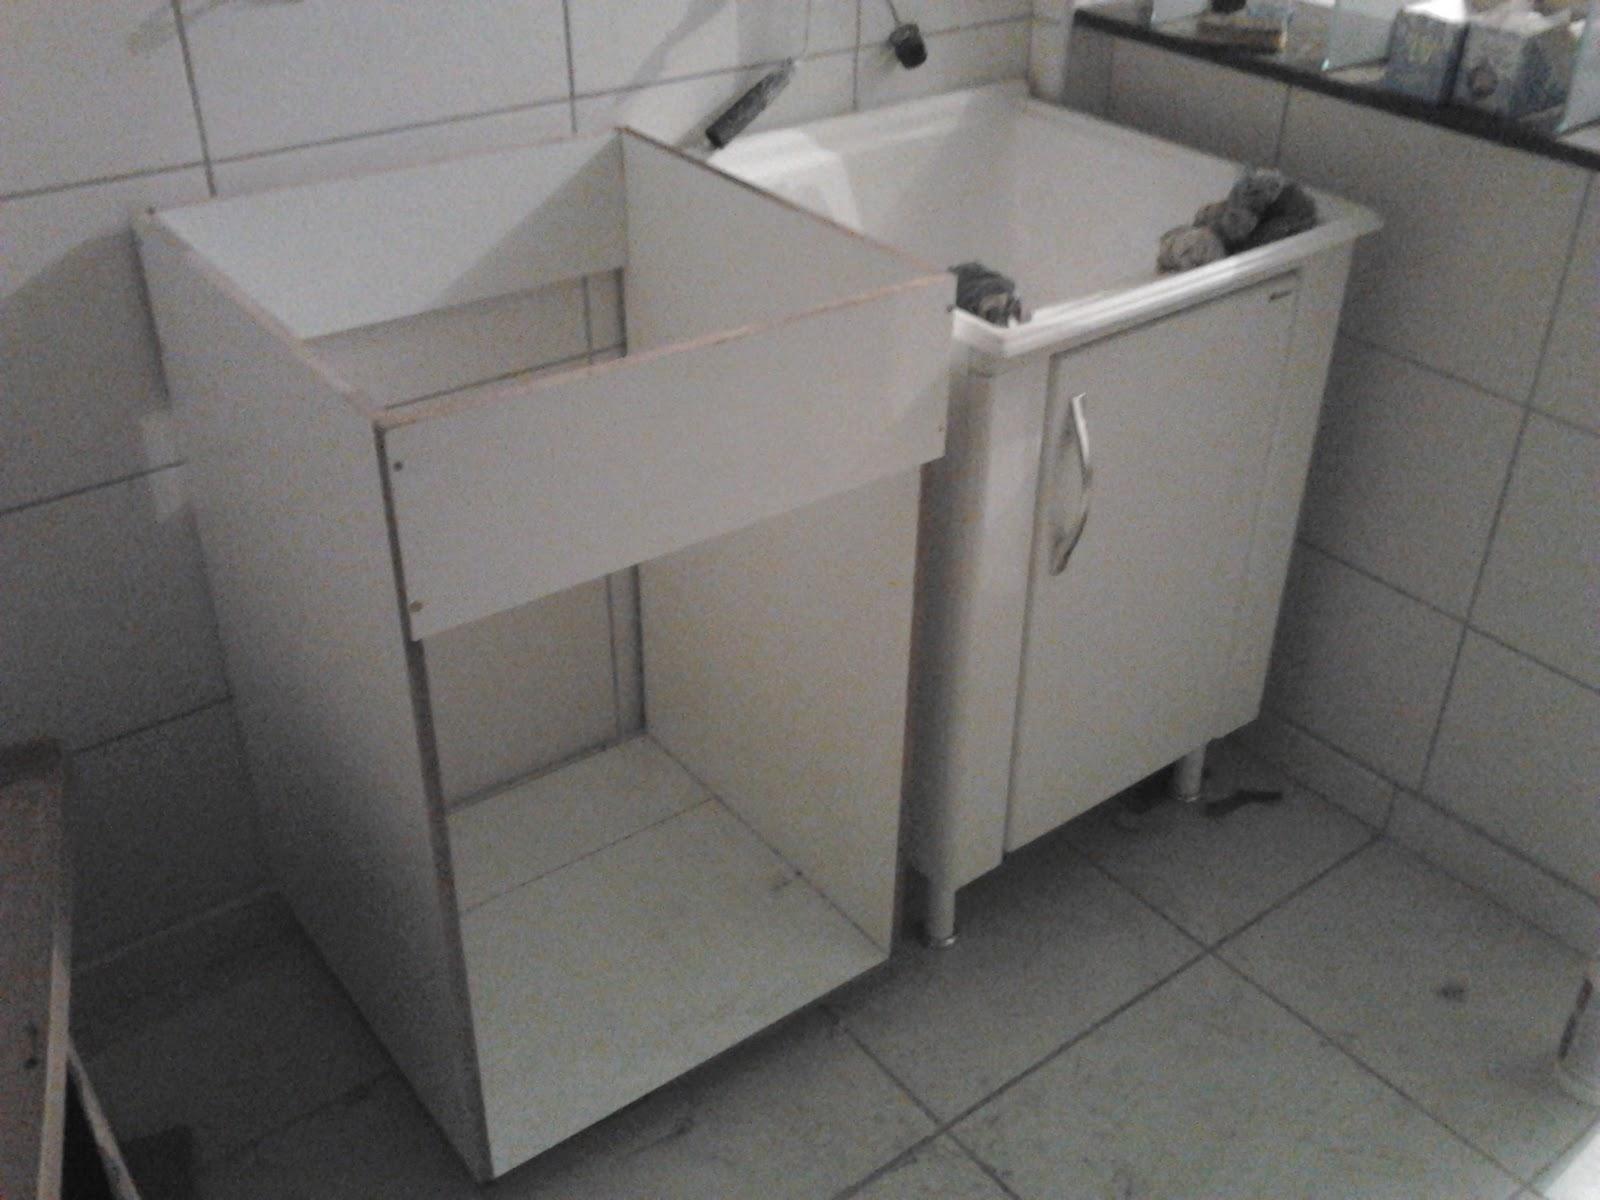 agora o armário do lavatório do banheiro social  #6A6461 1600x1200 Armario Lavatorio Banheiro